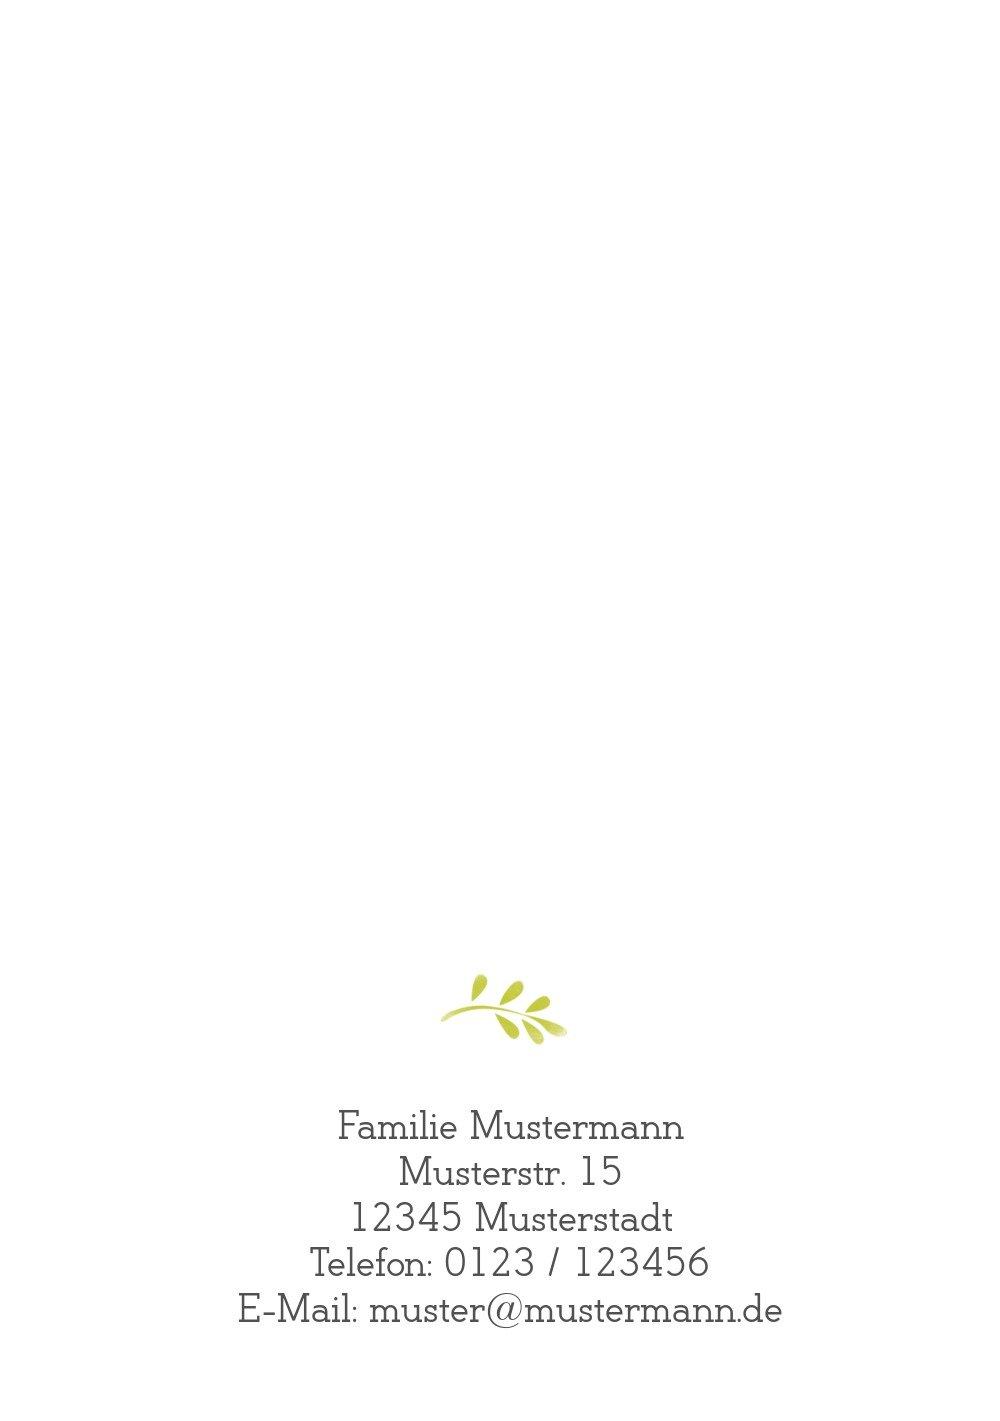 Taufe Dankeskarte Dankeskarte Dankeskarte Blaumenkreuz, 20 Karten, AquaTürkis B073WB3G5X | Produktqualität  | Elegant und feierlich  | Große Klassifizierung  7df139